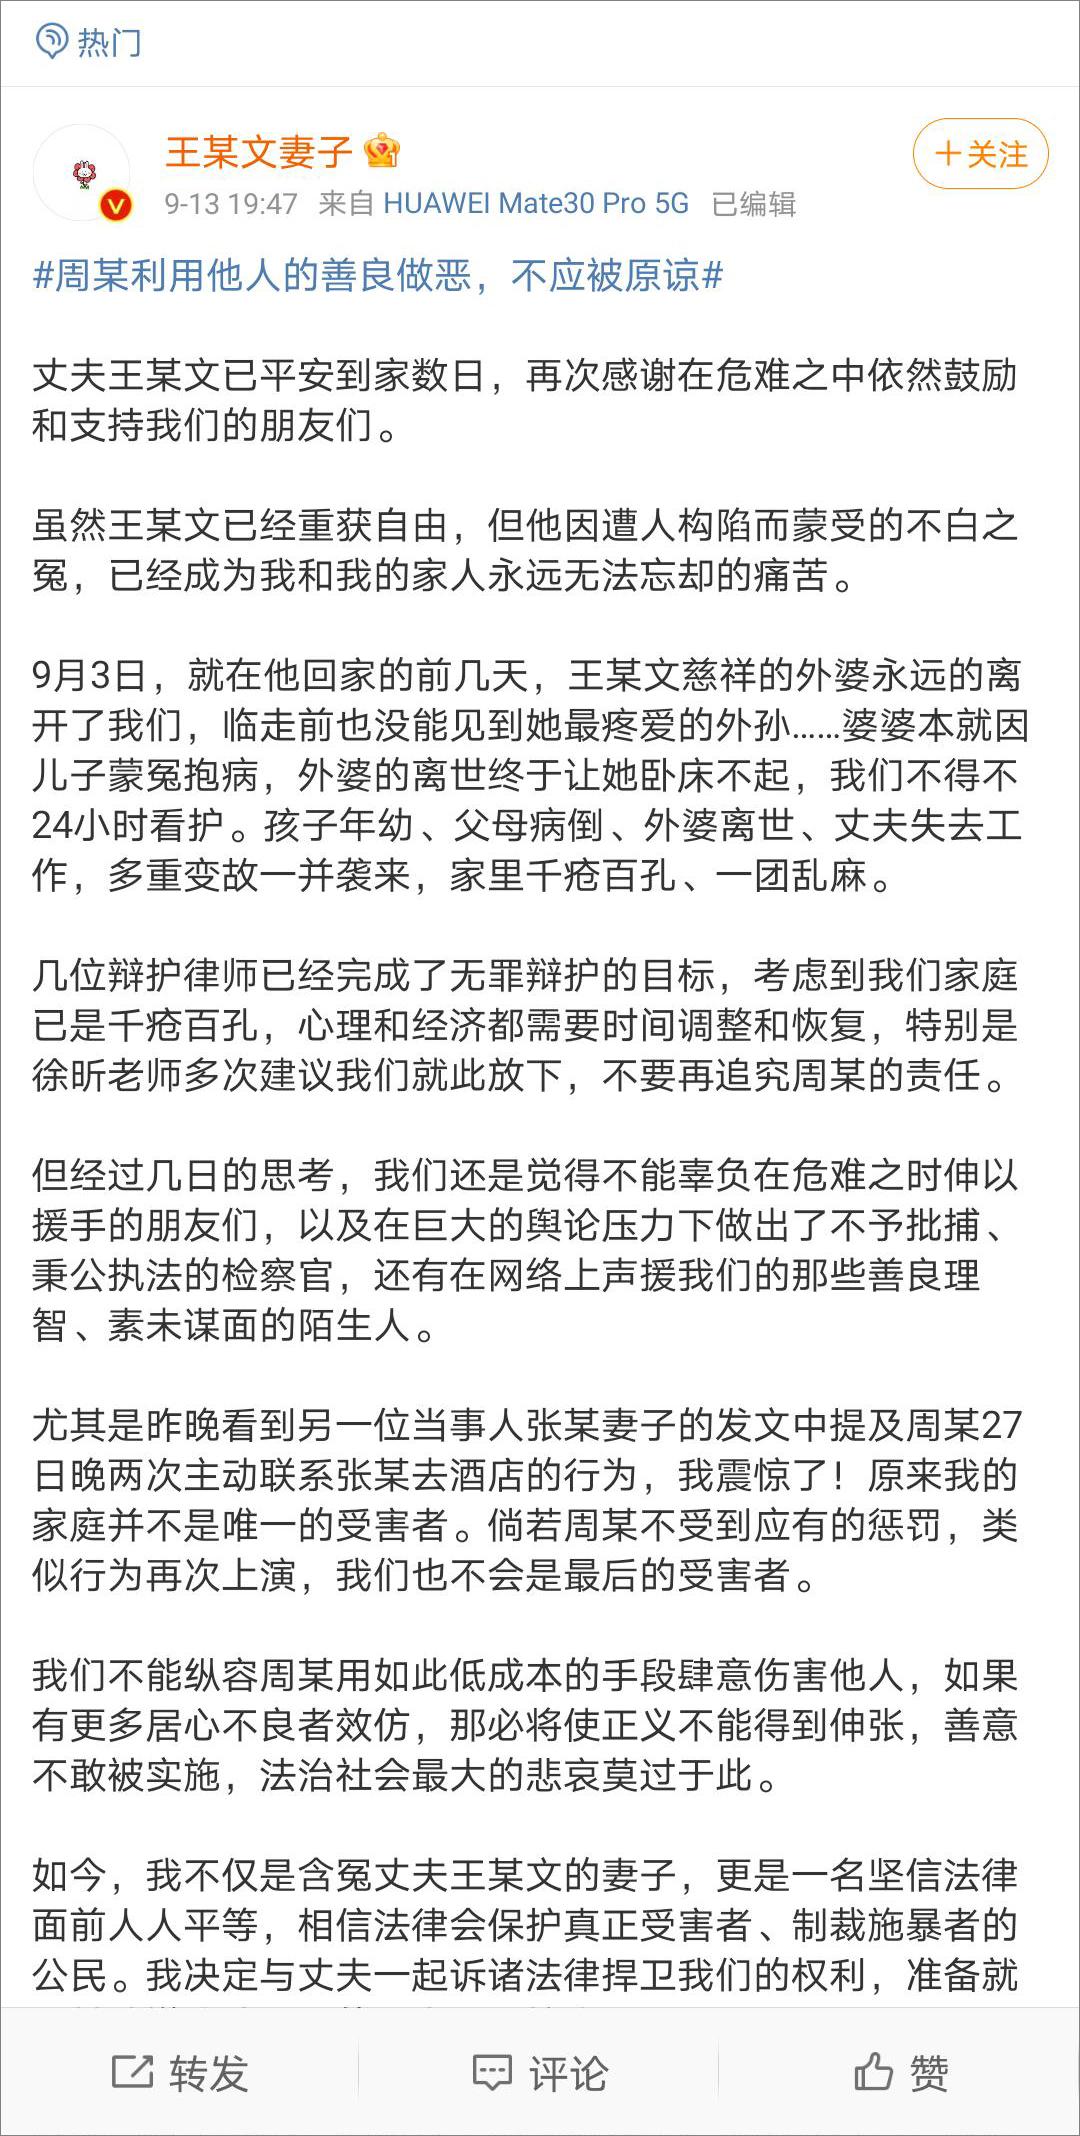 """""""阿里女员工案""""王某文妻子再发声:准备控告周某强制猥亵"""